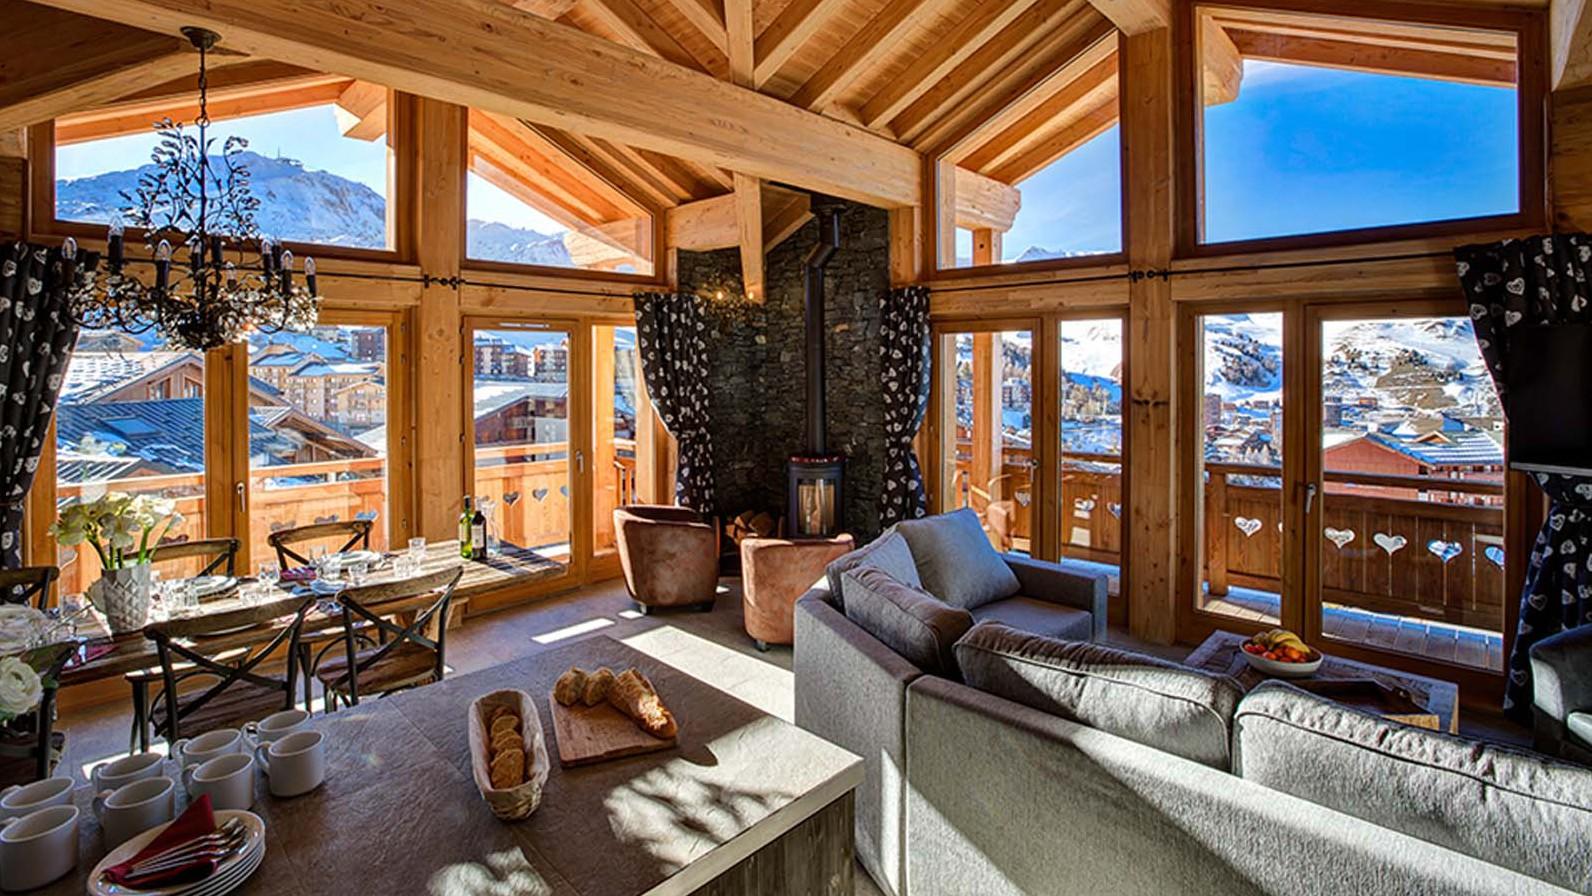 Lounge - Chalet Iris Bleu - Ski Chalet in La Plagne, France